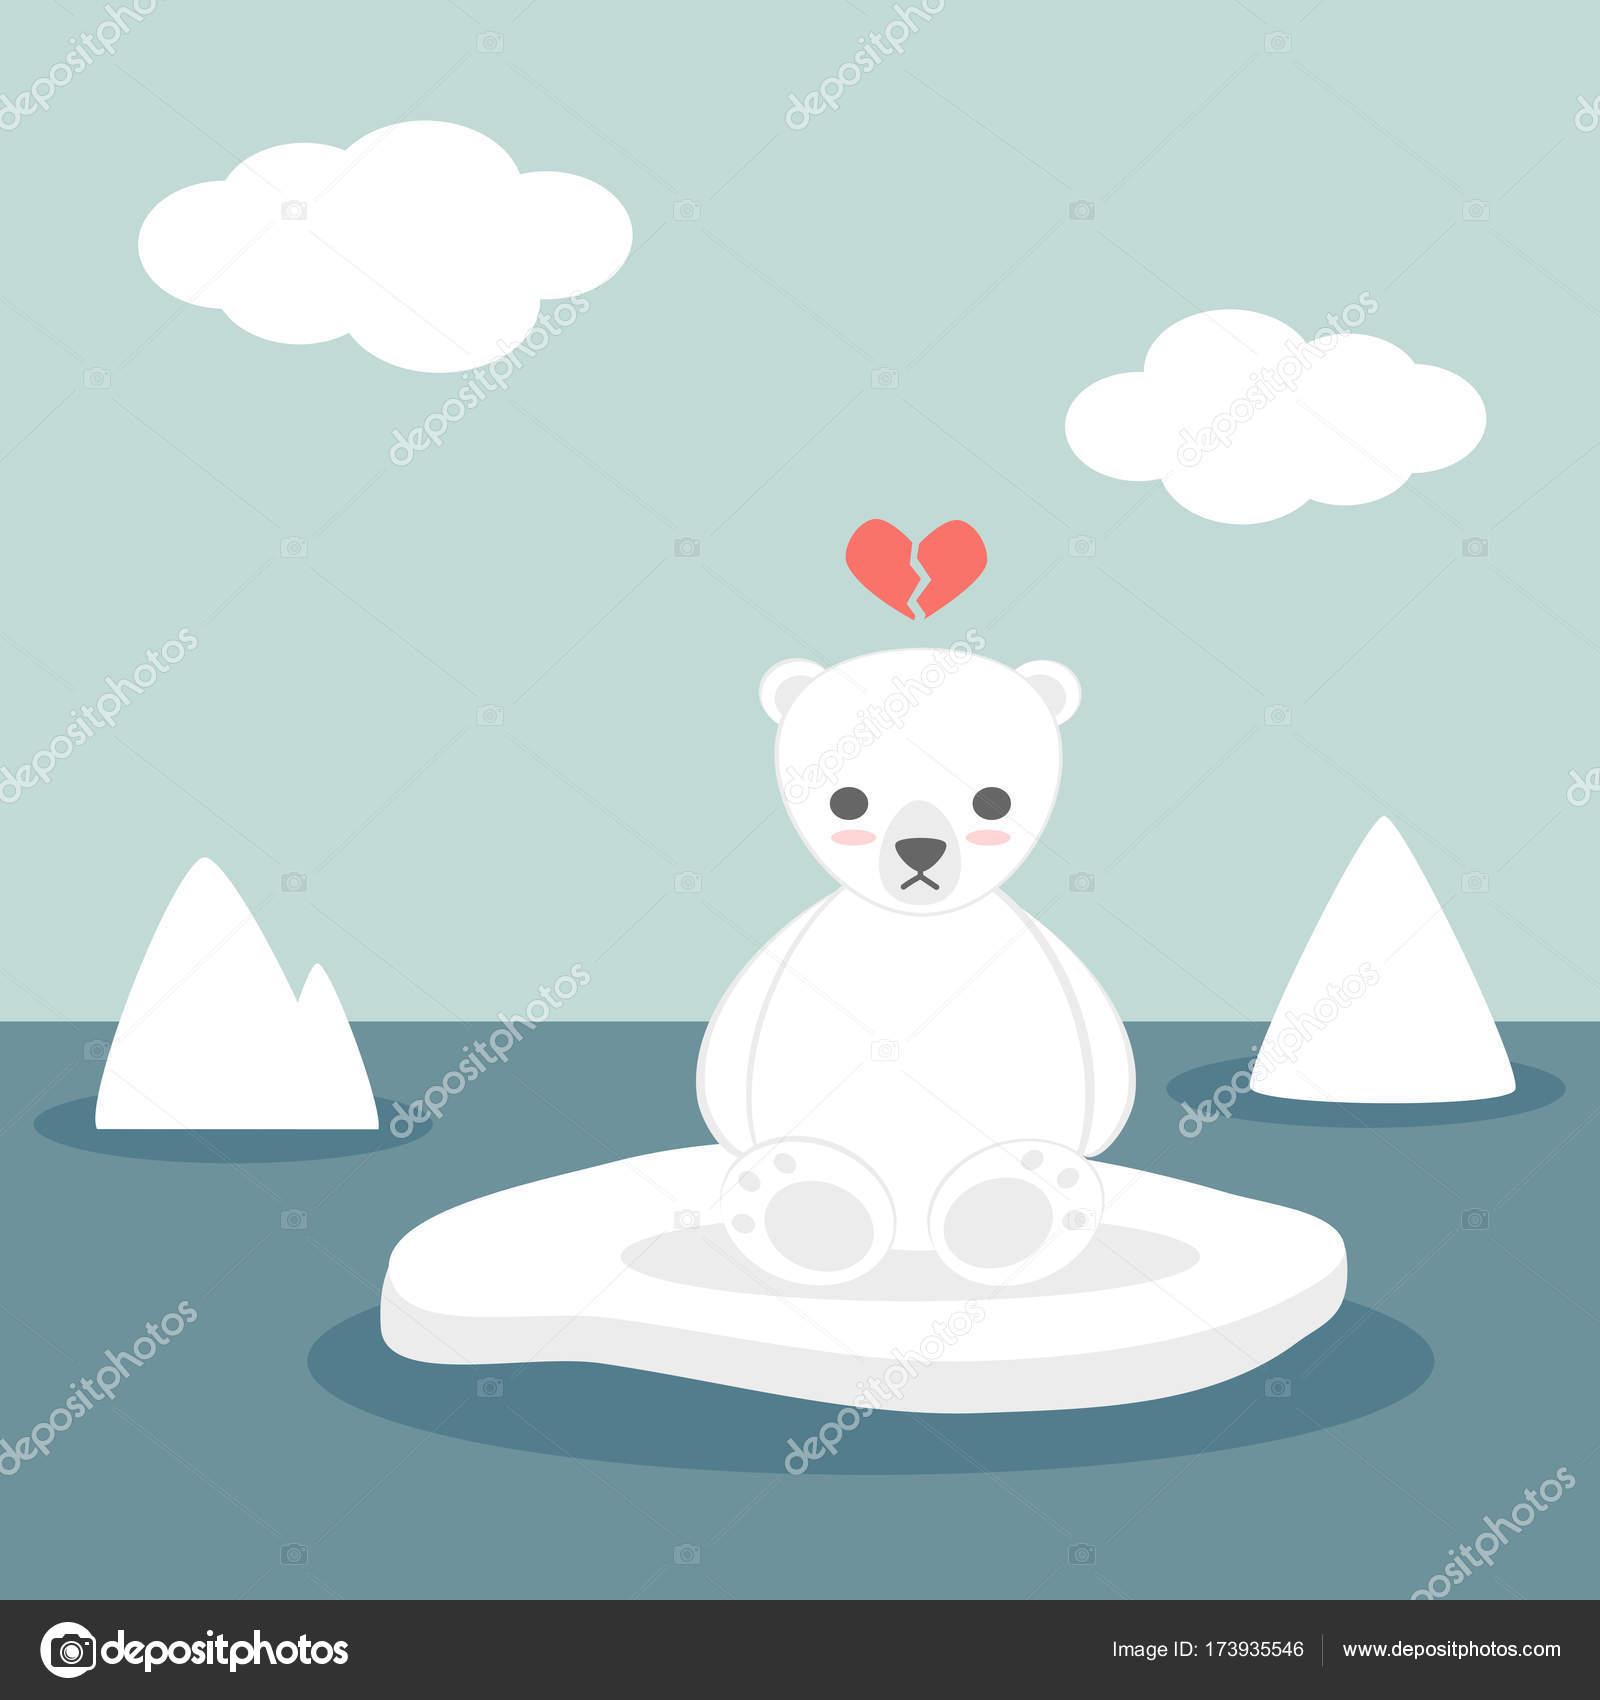 Carino bella dei cartoni animati vettore bianco orso polare su